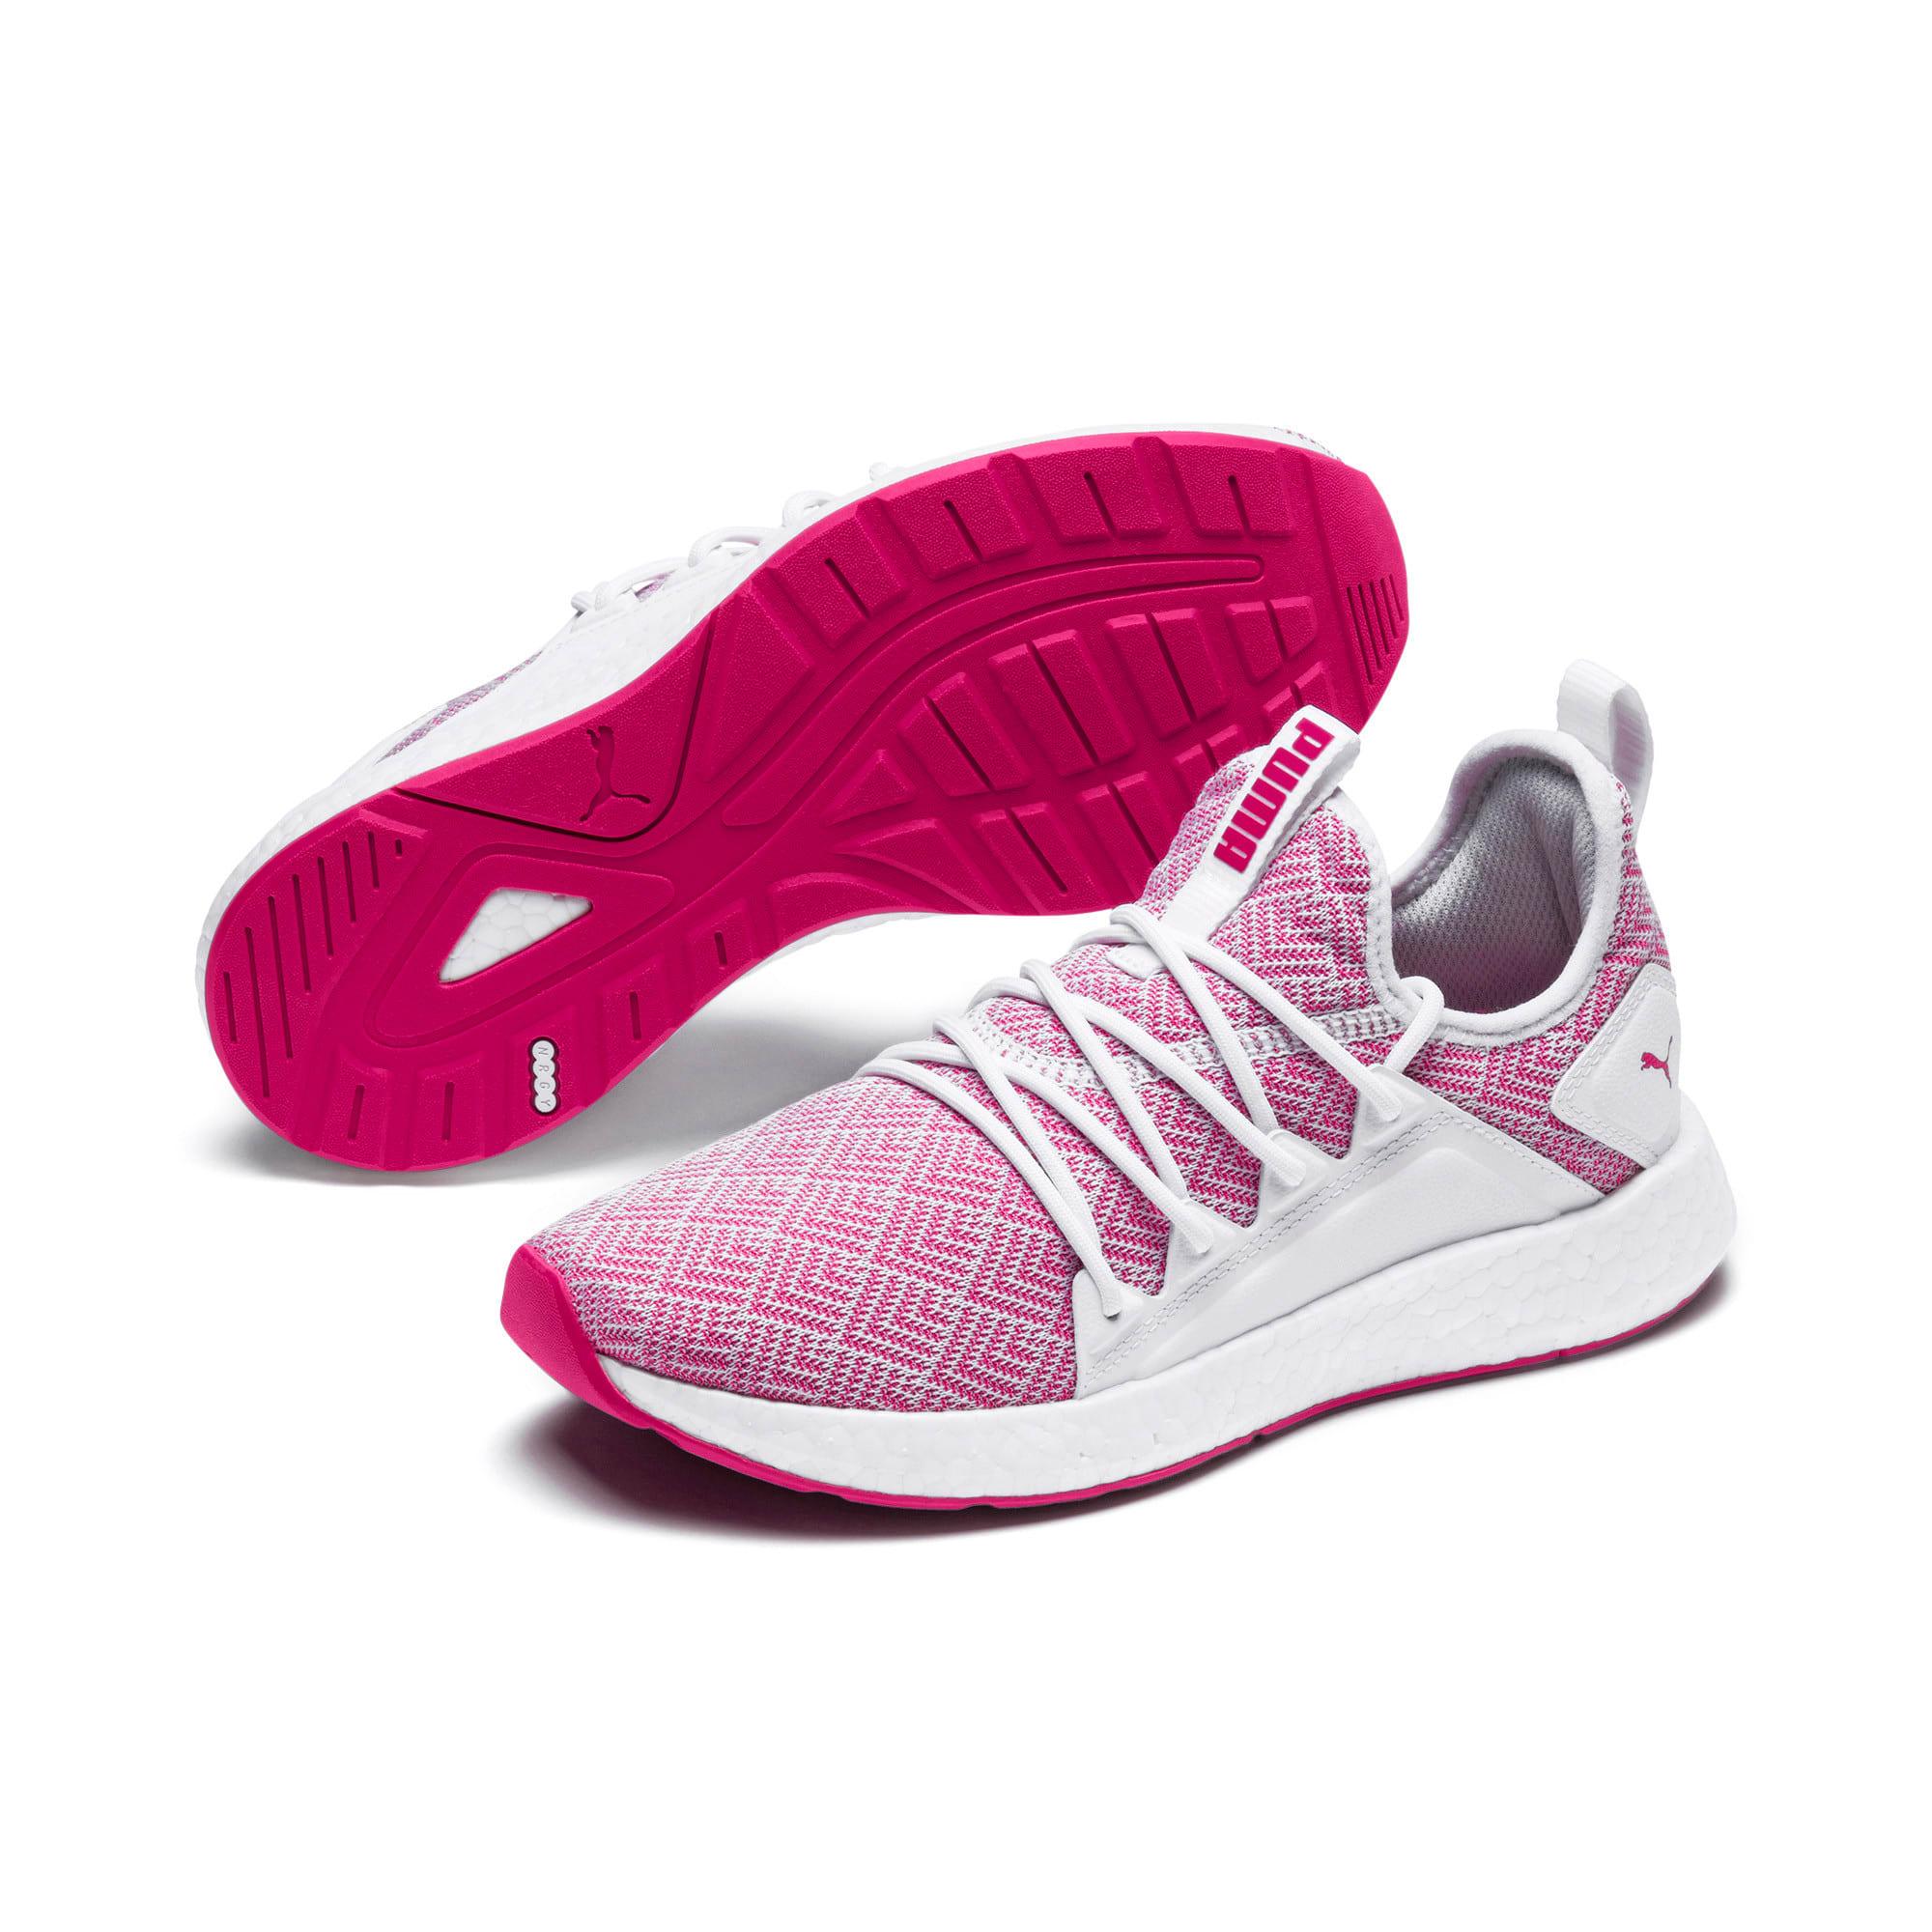 Thumbnail 2 of NRGY Neko Stellar Women's Running Shoes, Puma White-Fuchsia Purple, medium